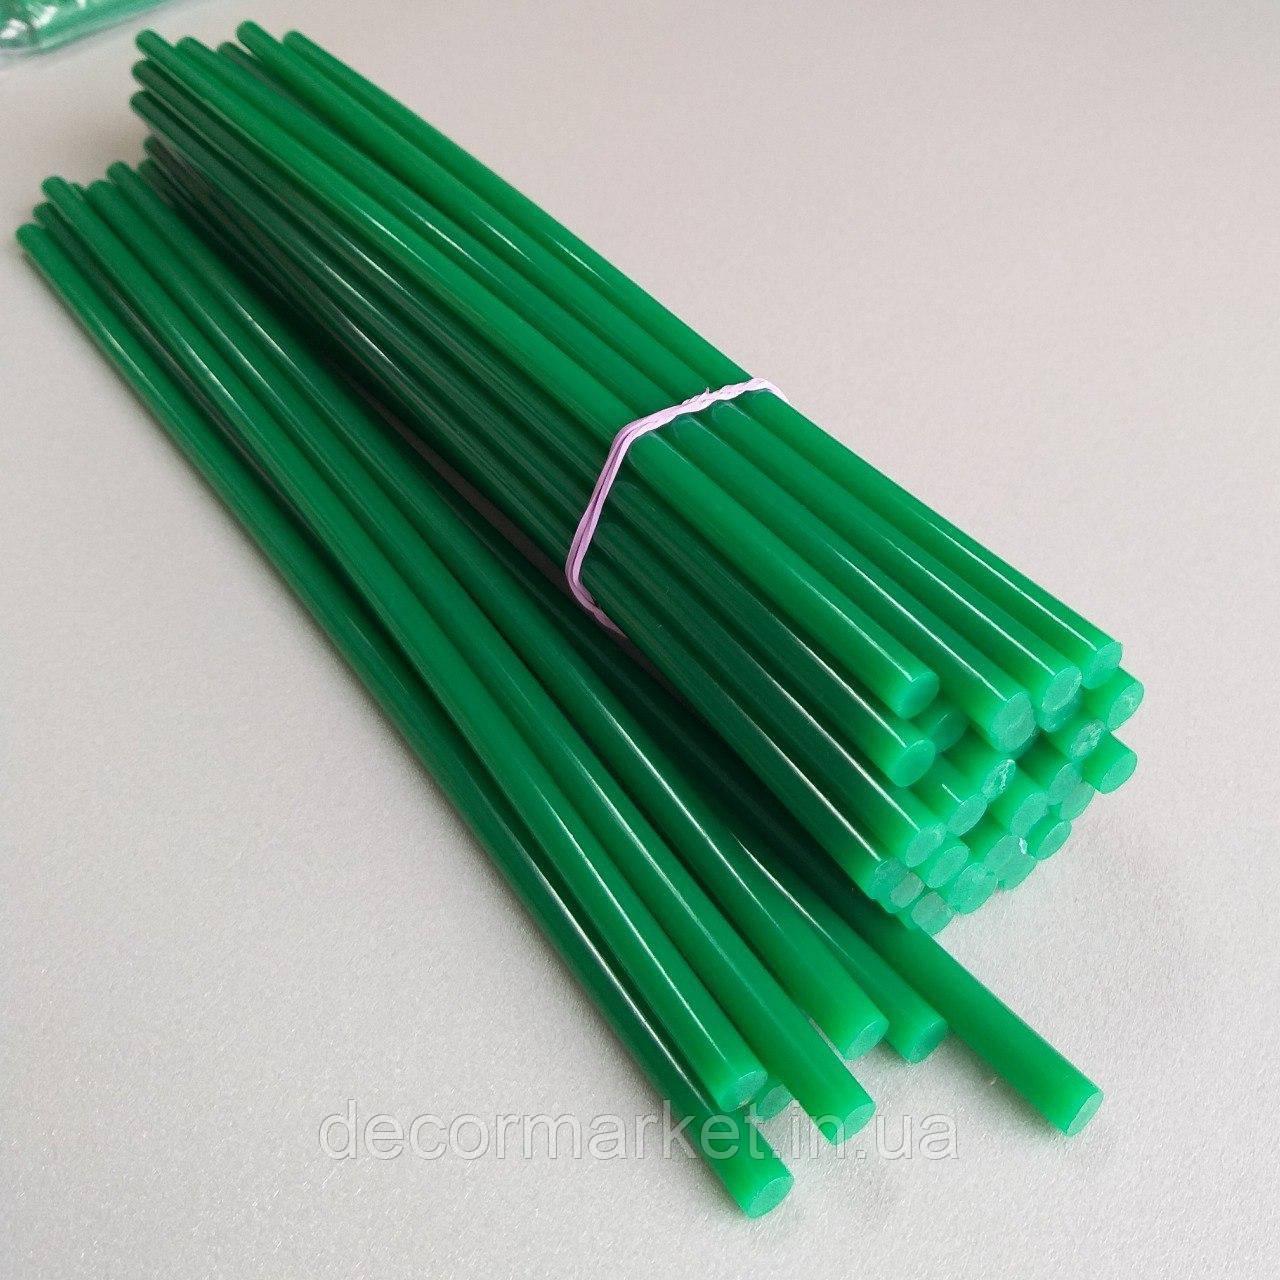 Клей 7мм зеленый 1кг силиконовый для термопистолета